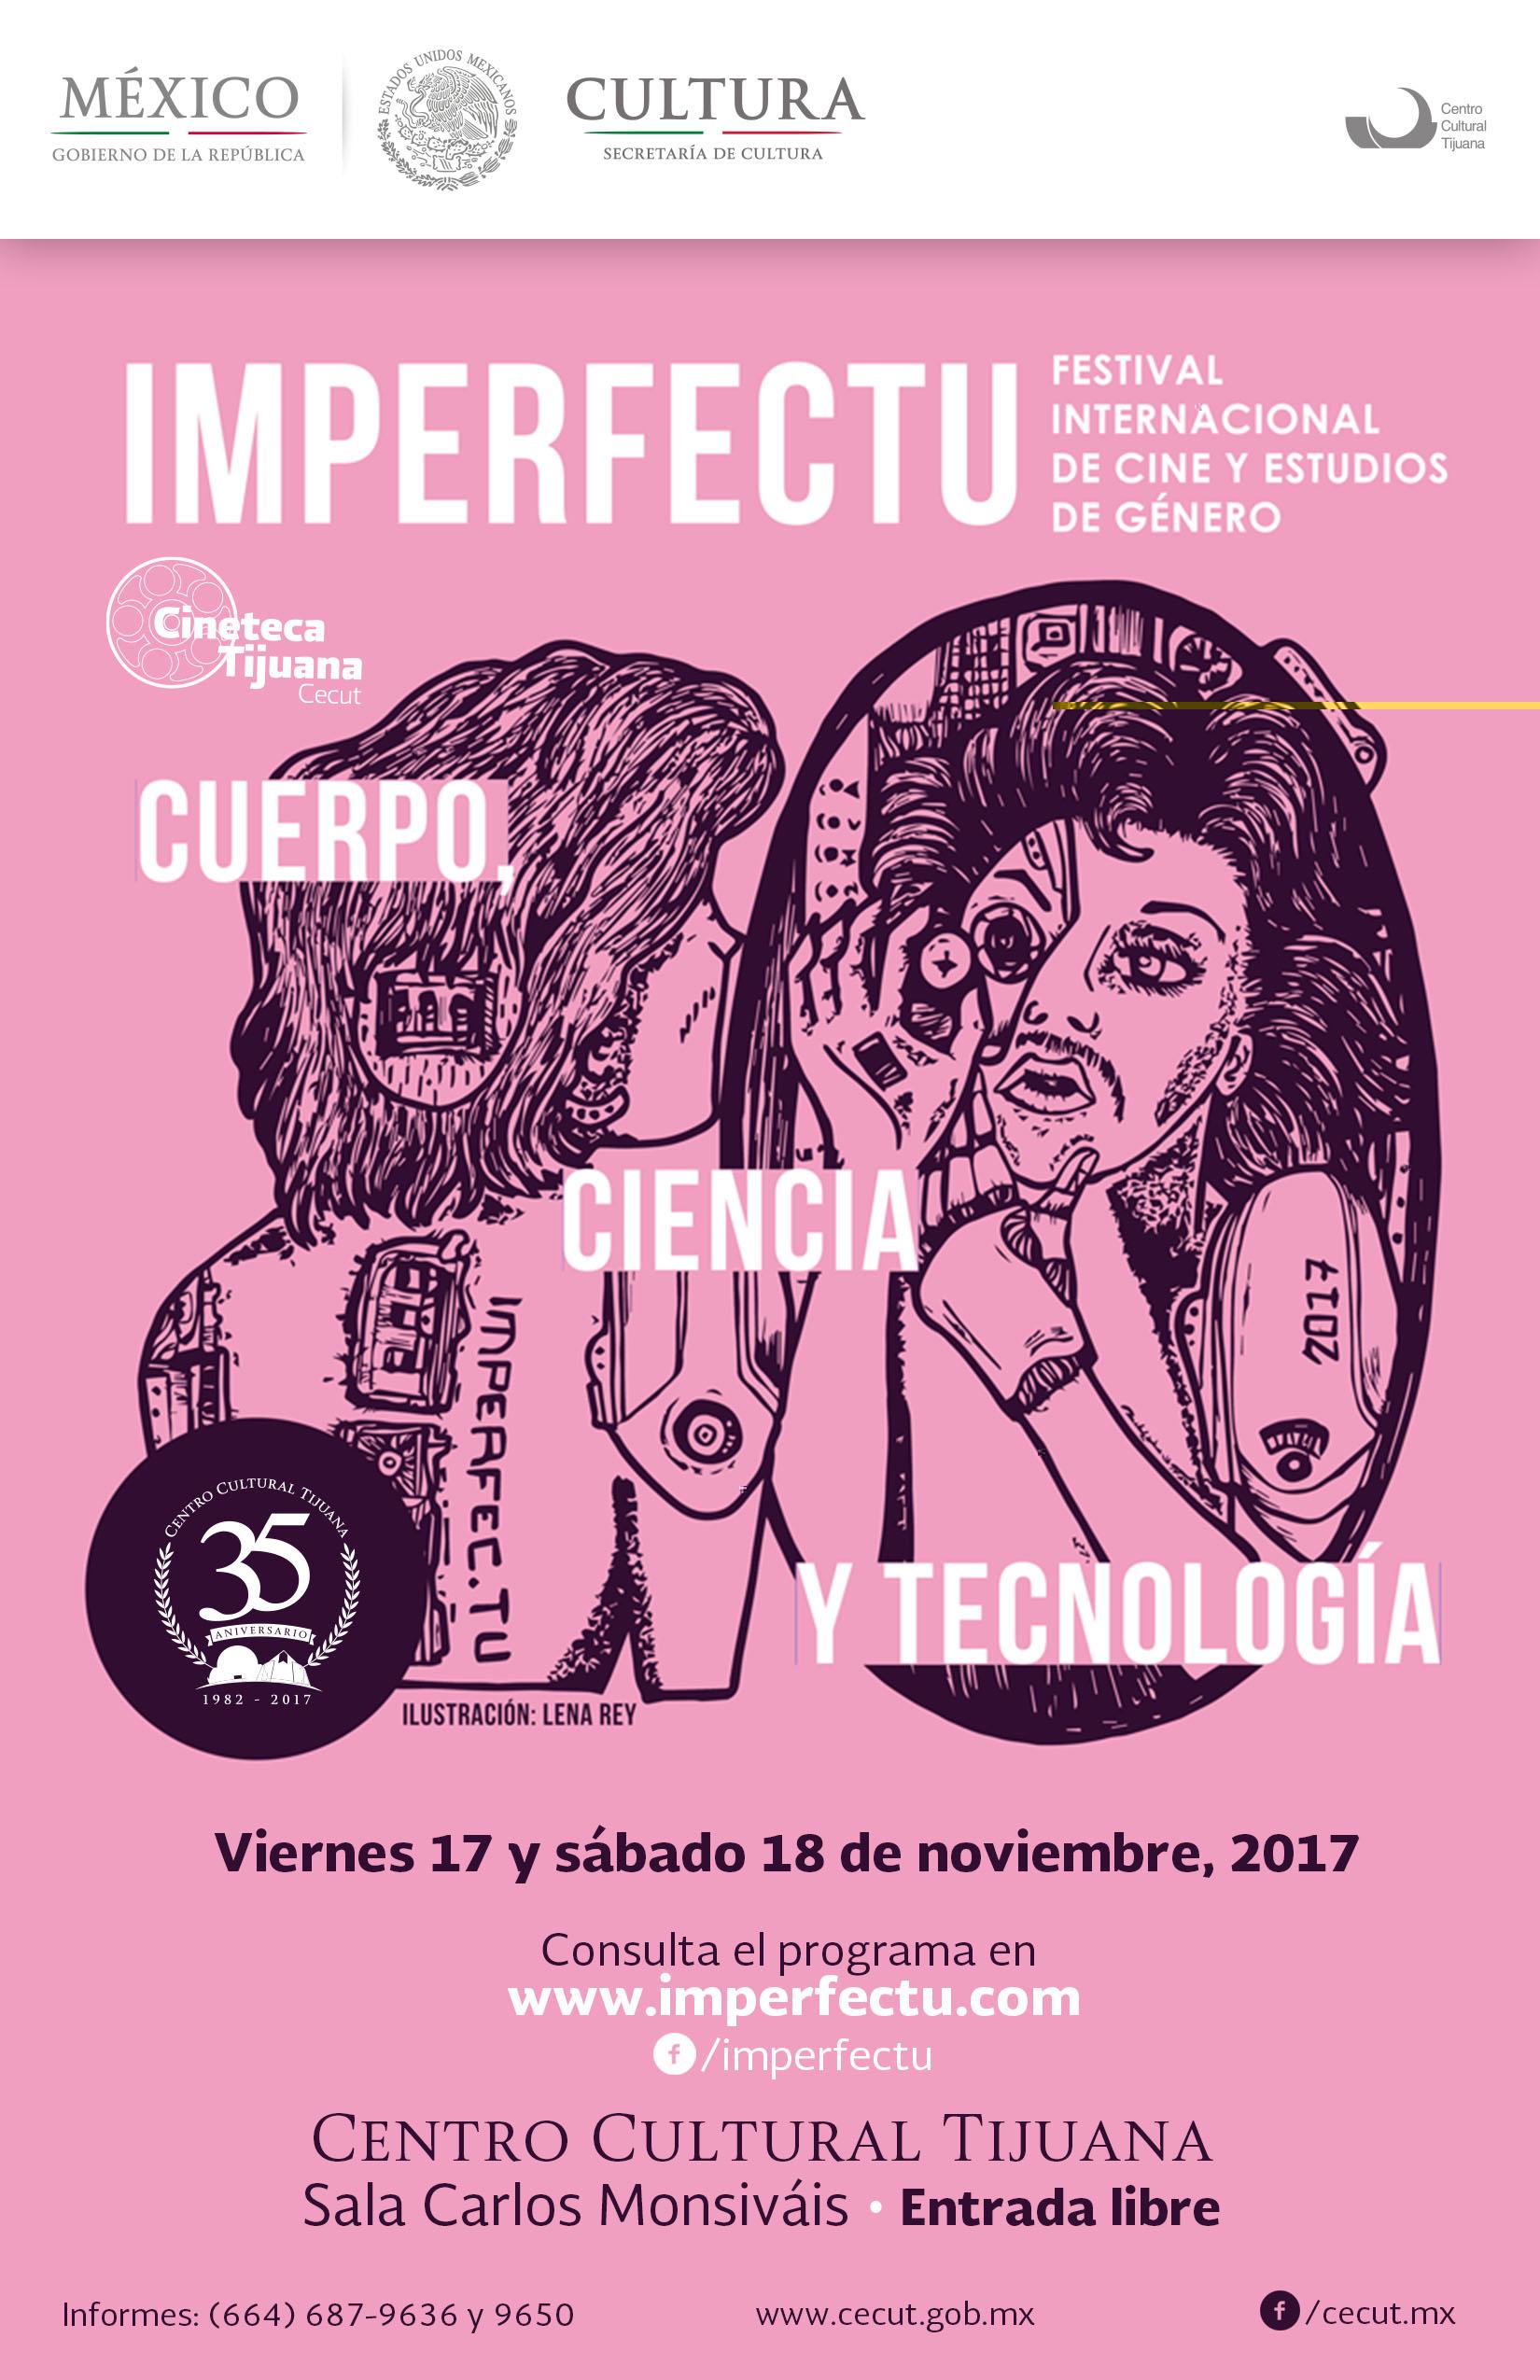 Invita Cecut a Festival Internacional de Cine y Estudios de Género